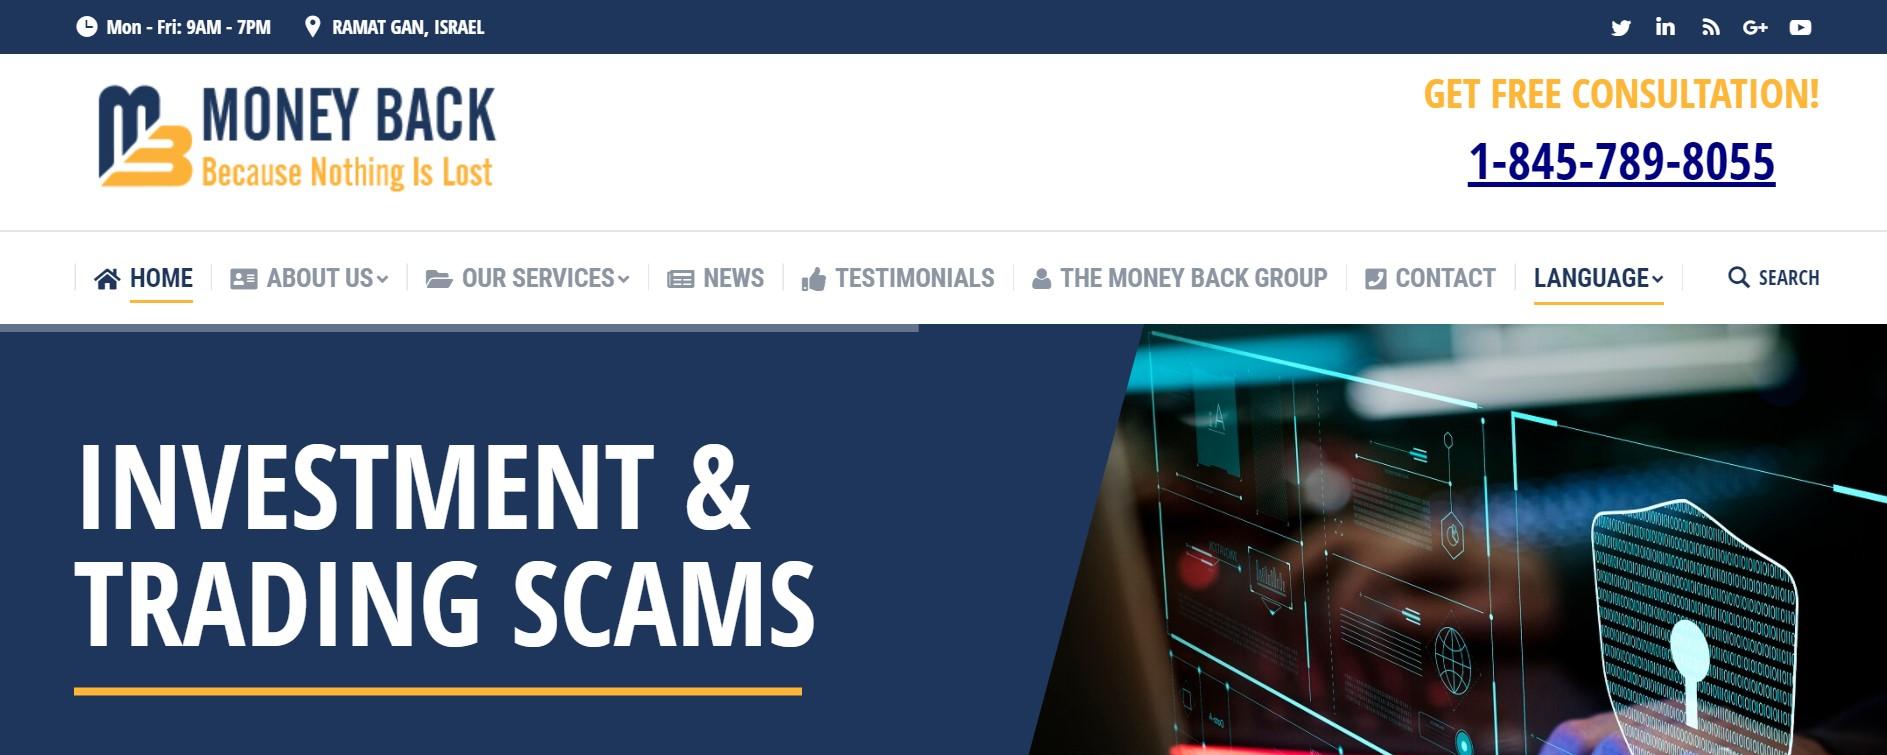 Money-back.com website